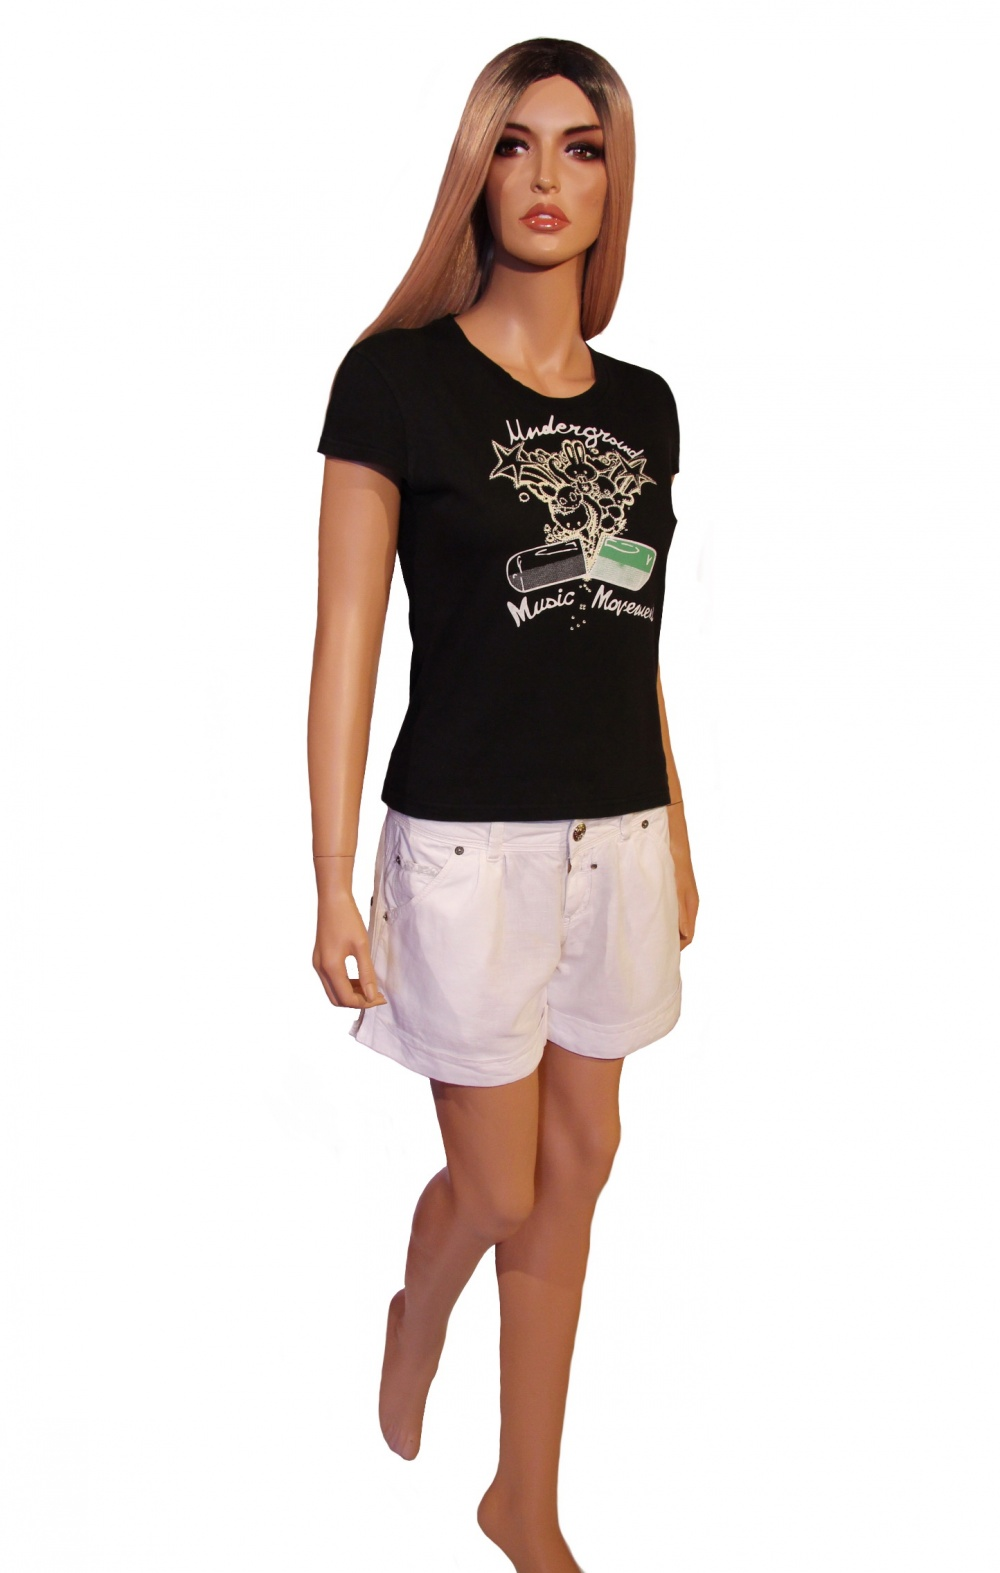 Сет из 3-х вещей: футболок  UMM (44-46(M)) и шорт FREESOUL (44-46(M))